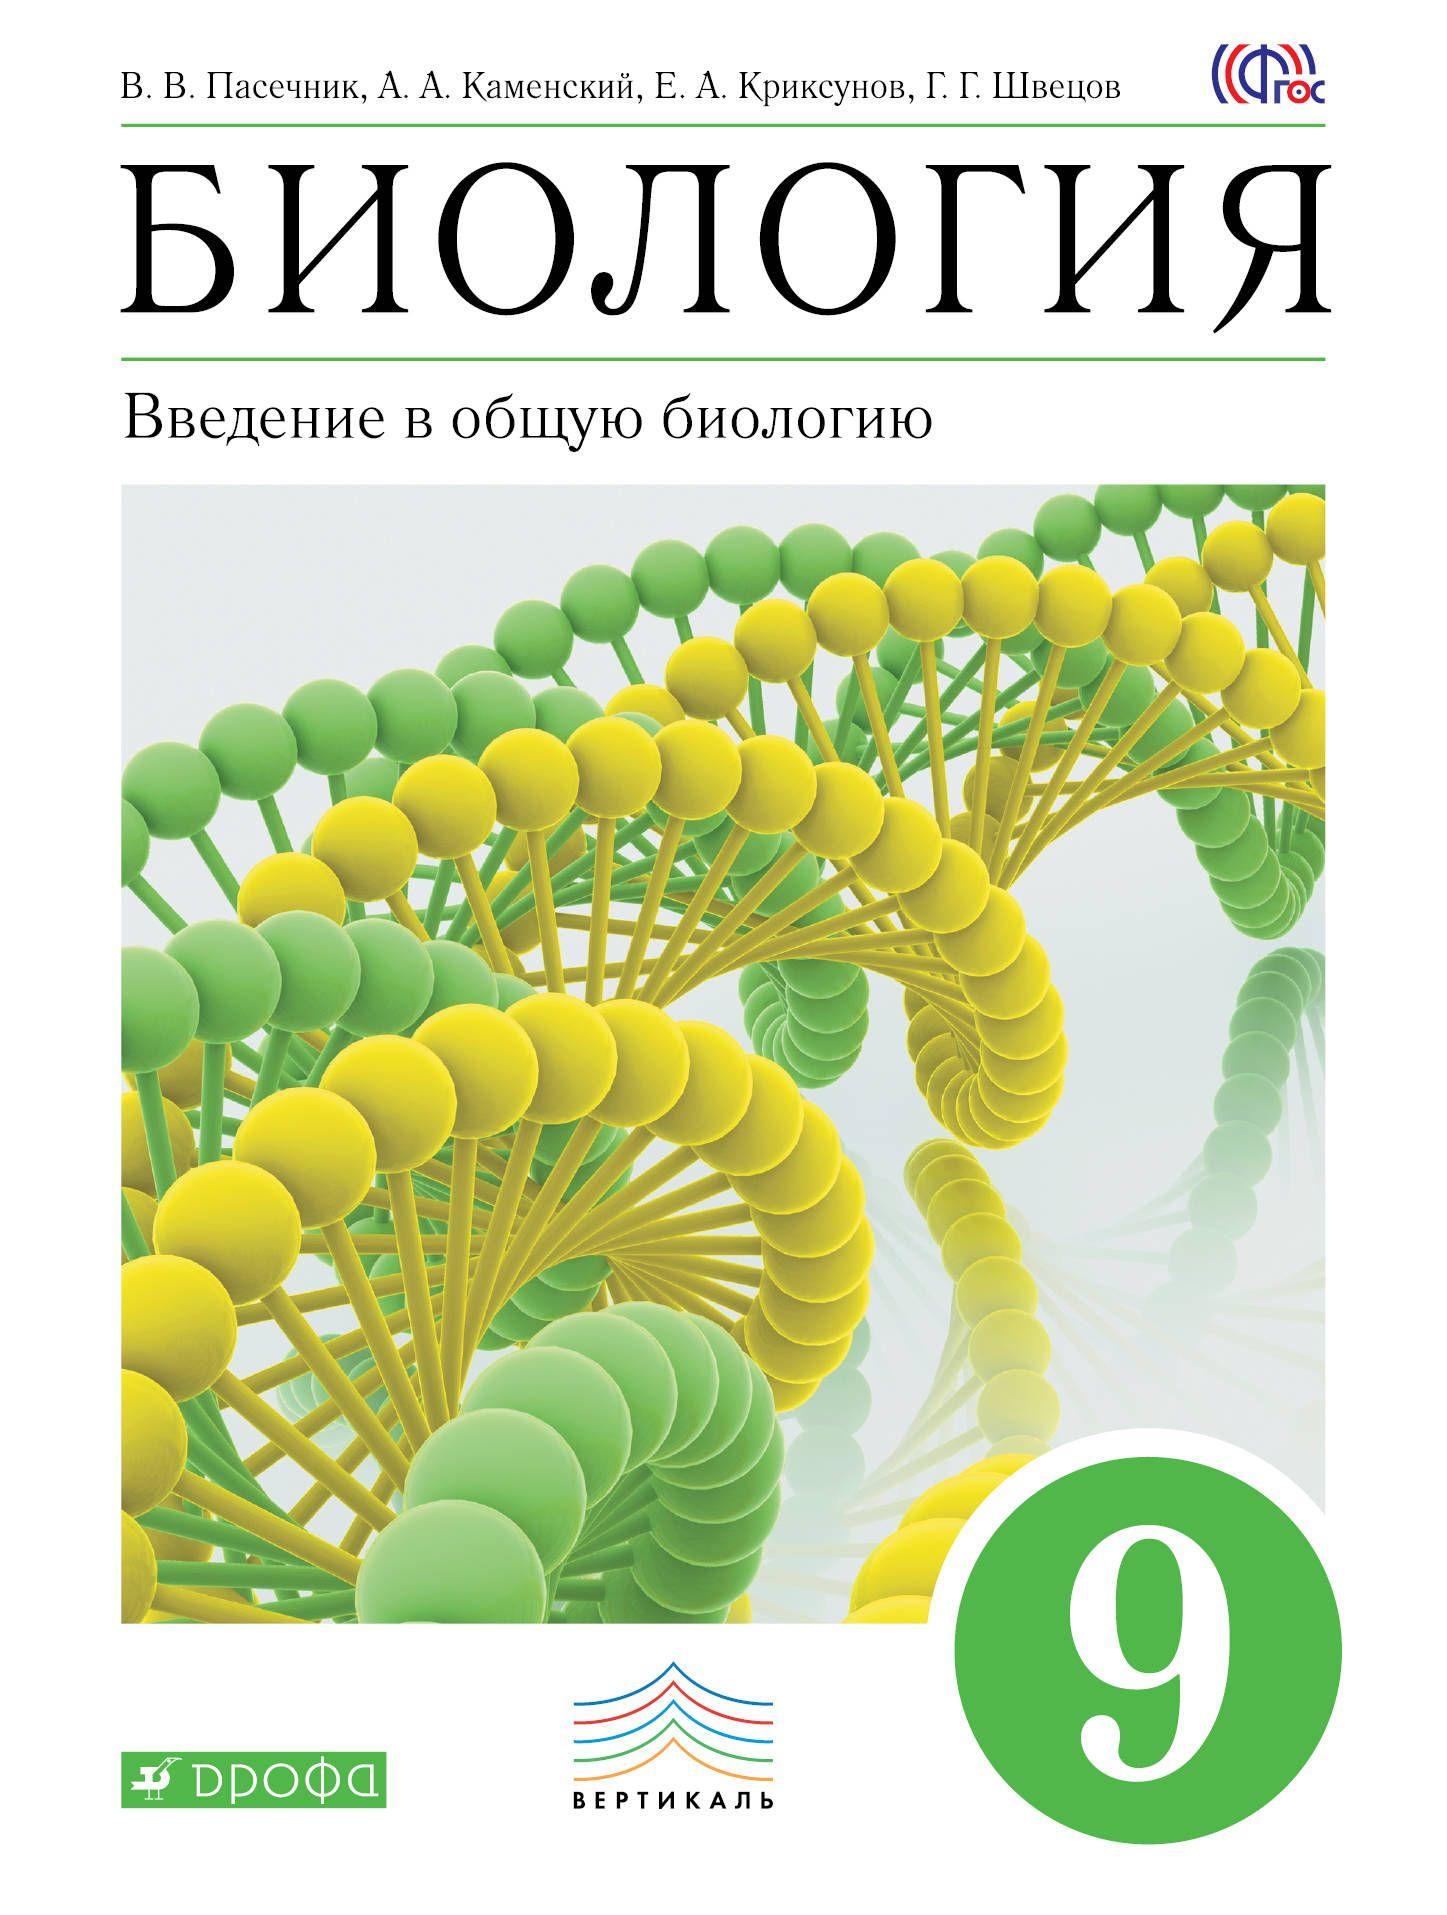 Ответы к учебнику биологии 10-11 класс пасечник и каменский